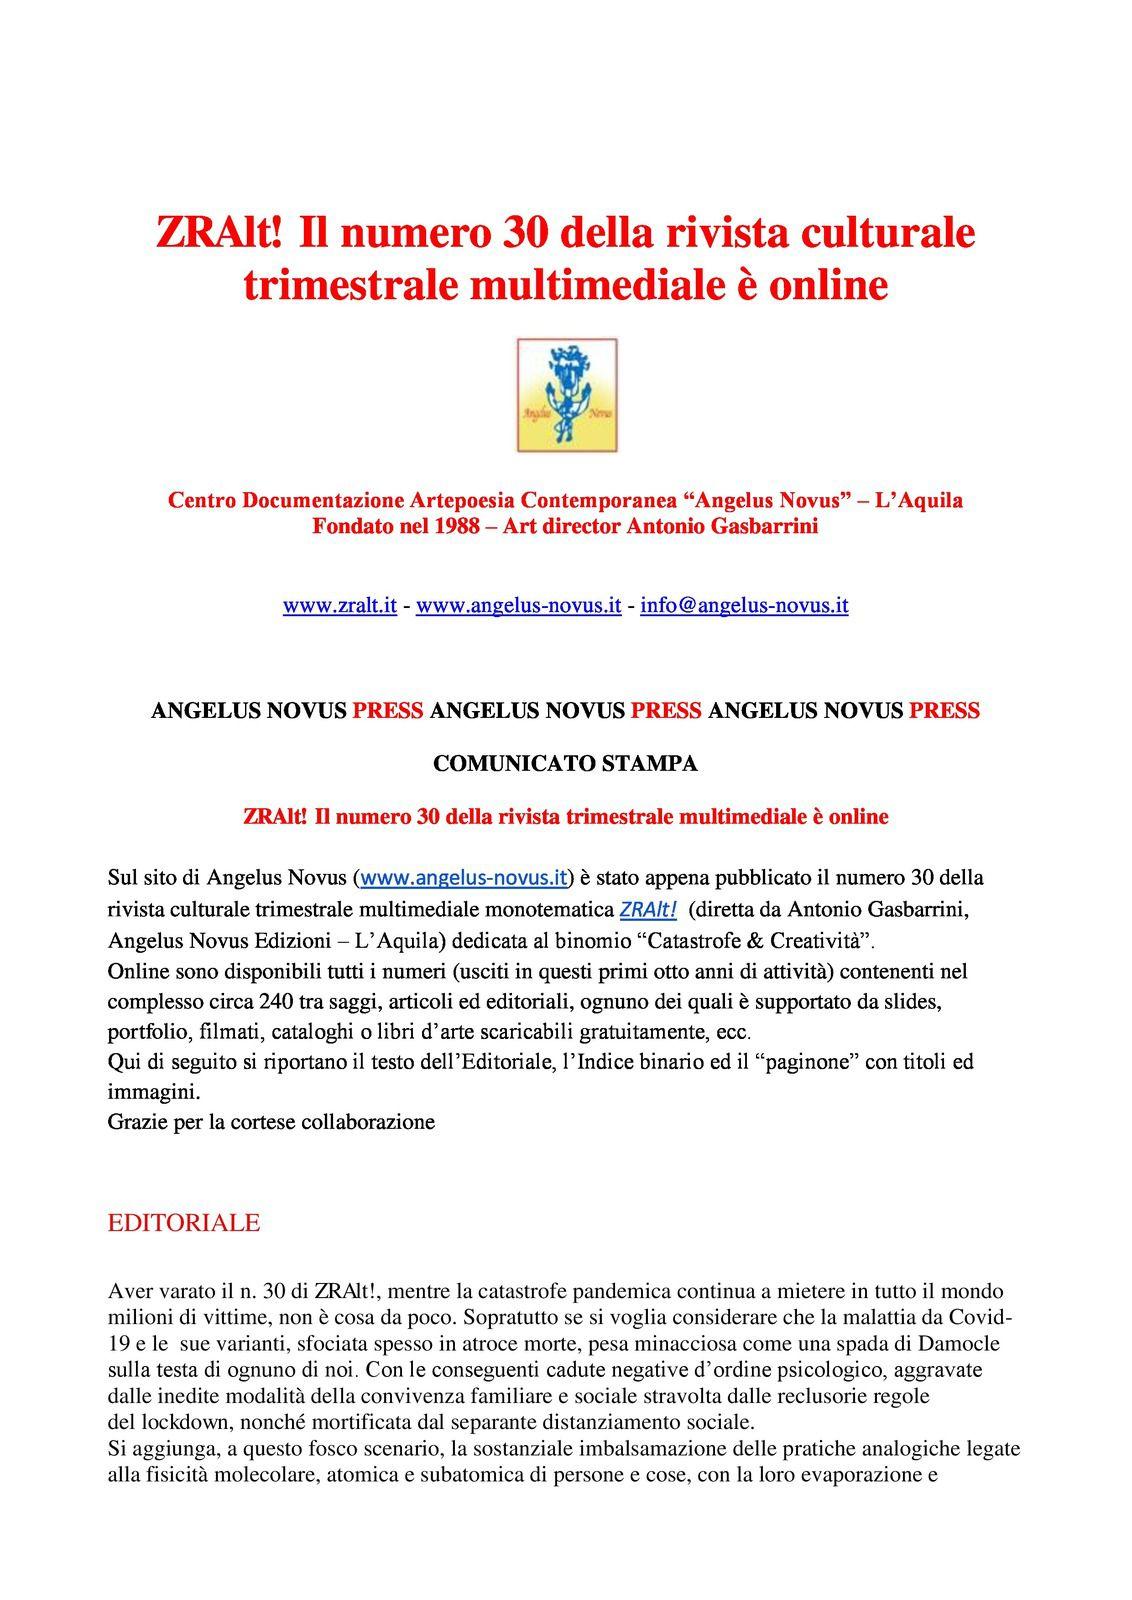 ZRAlt! Il numero 30 della rivista trimestrale multimediale di Antonio Gasbarrini è online – Con interventi di Eva Rachele Grassi e Ermanno Senatore